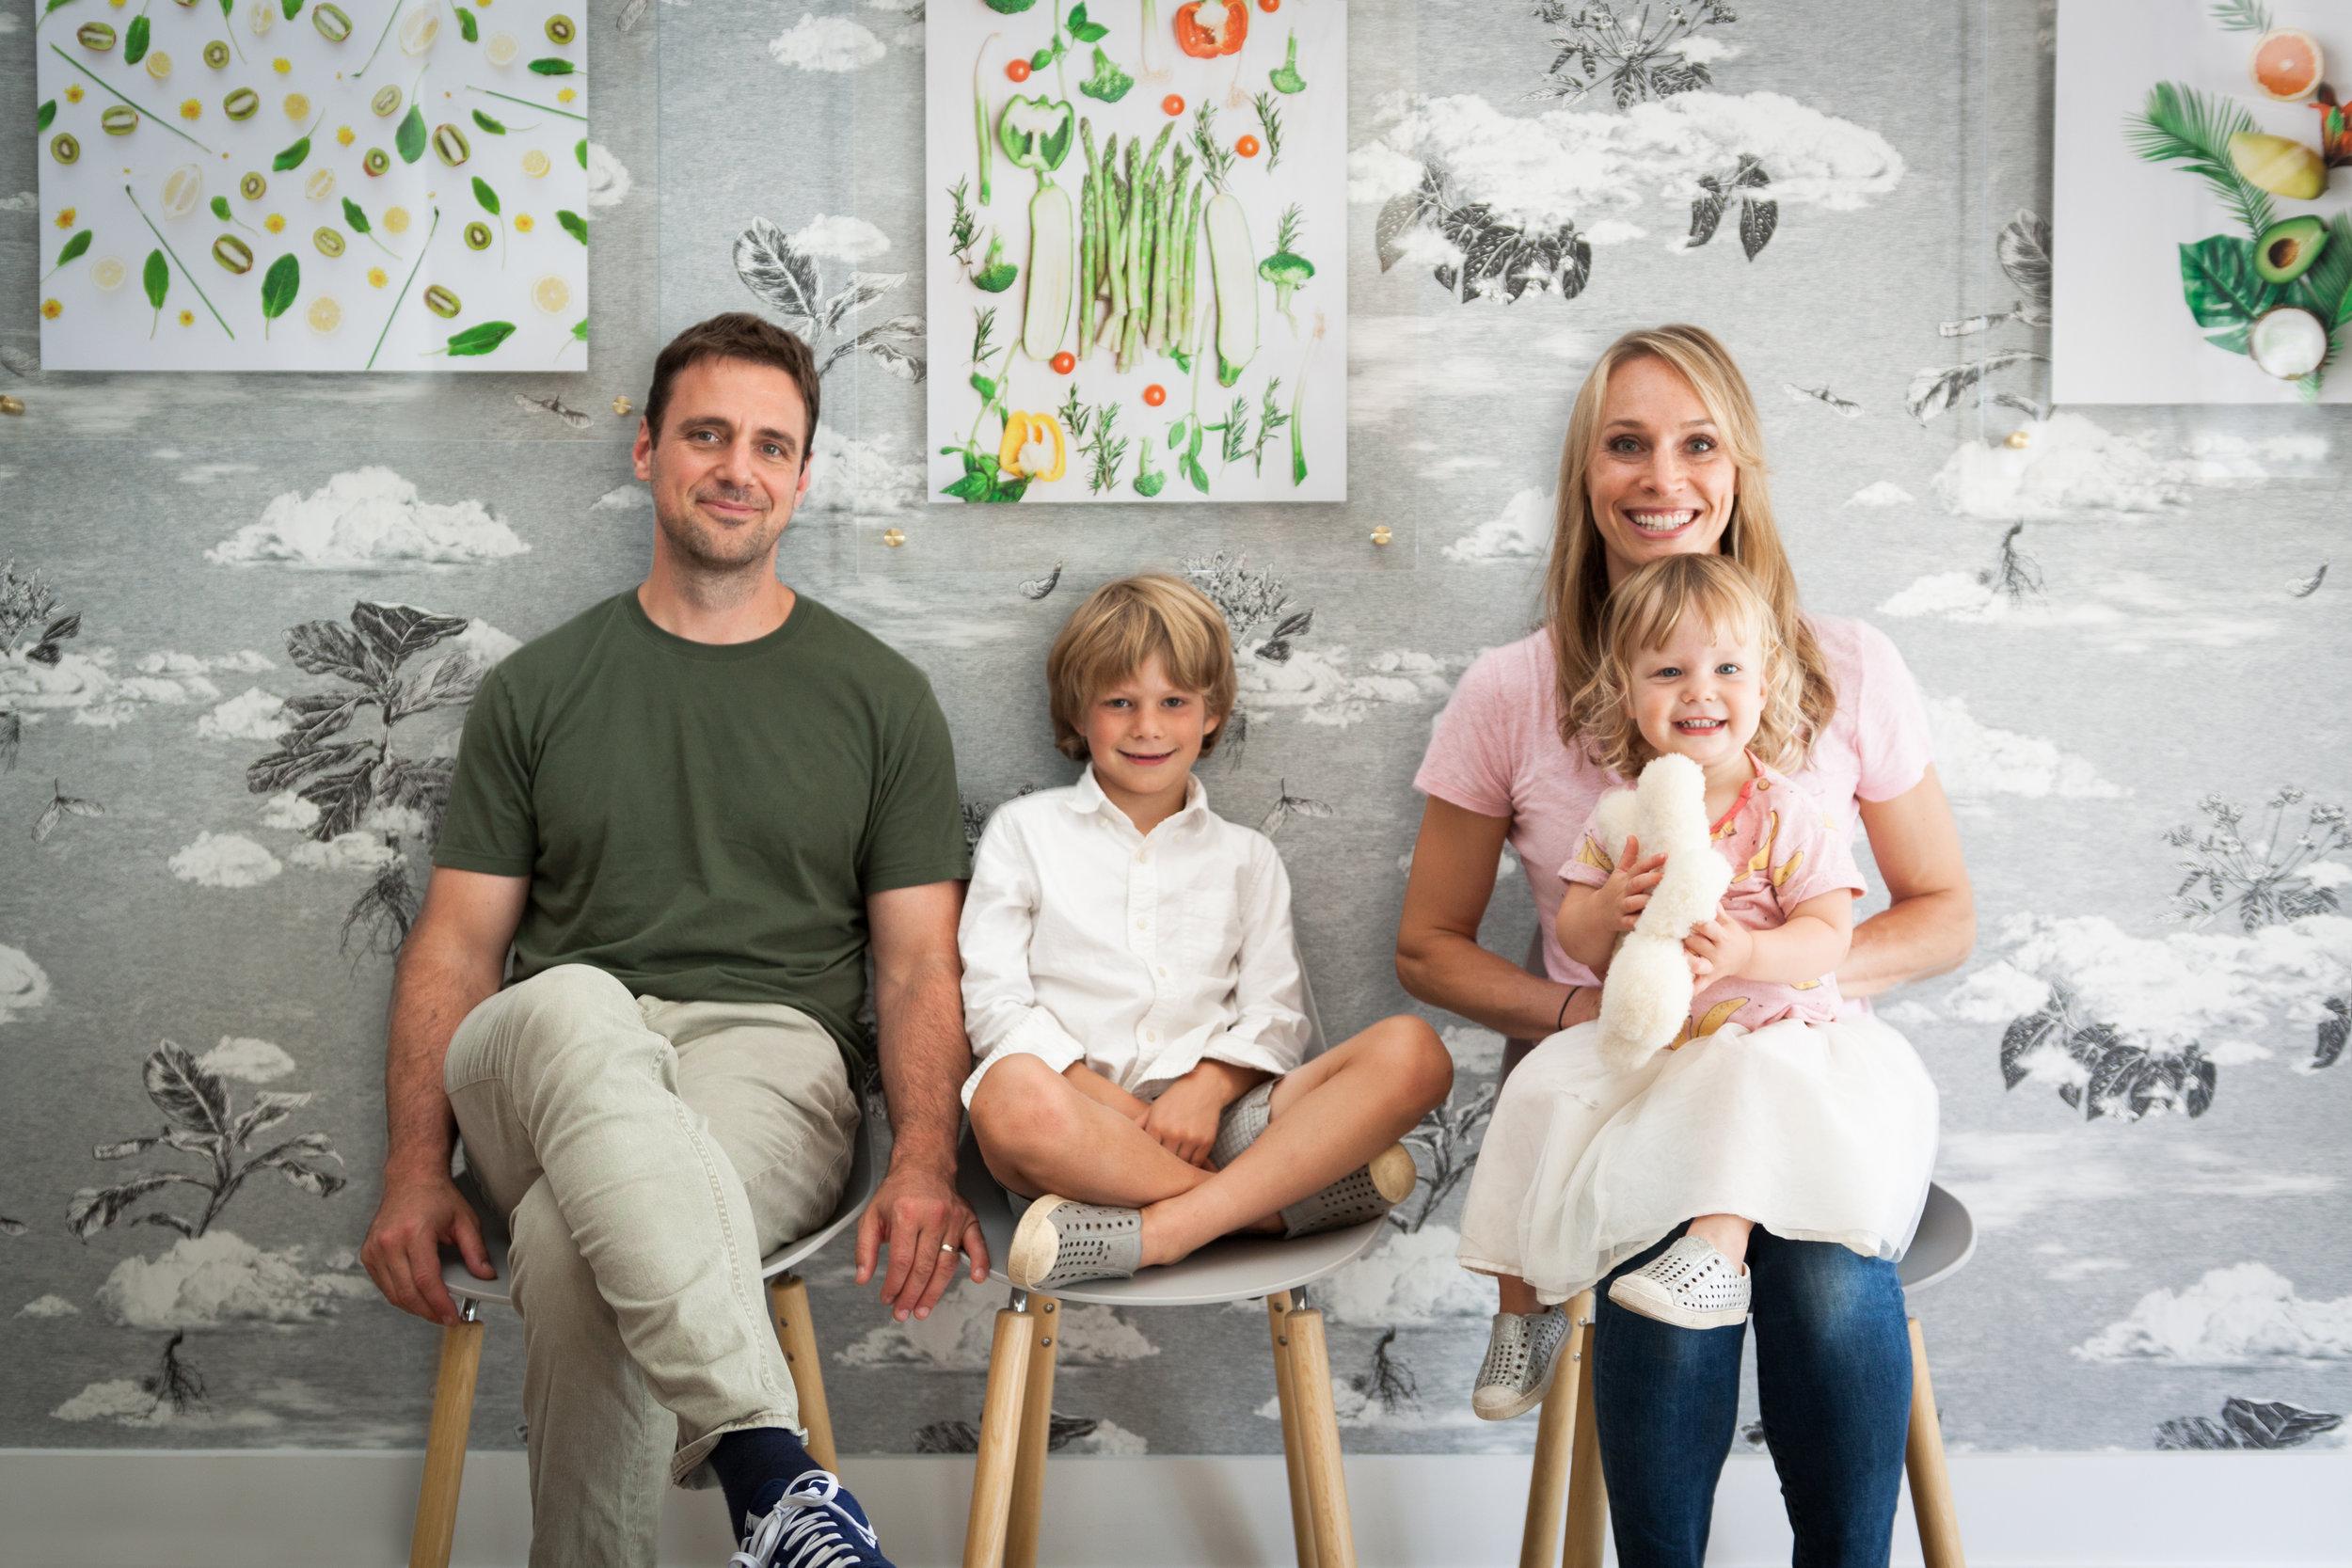 Greg, Luke, Kacy, and Natalie